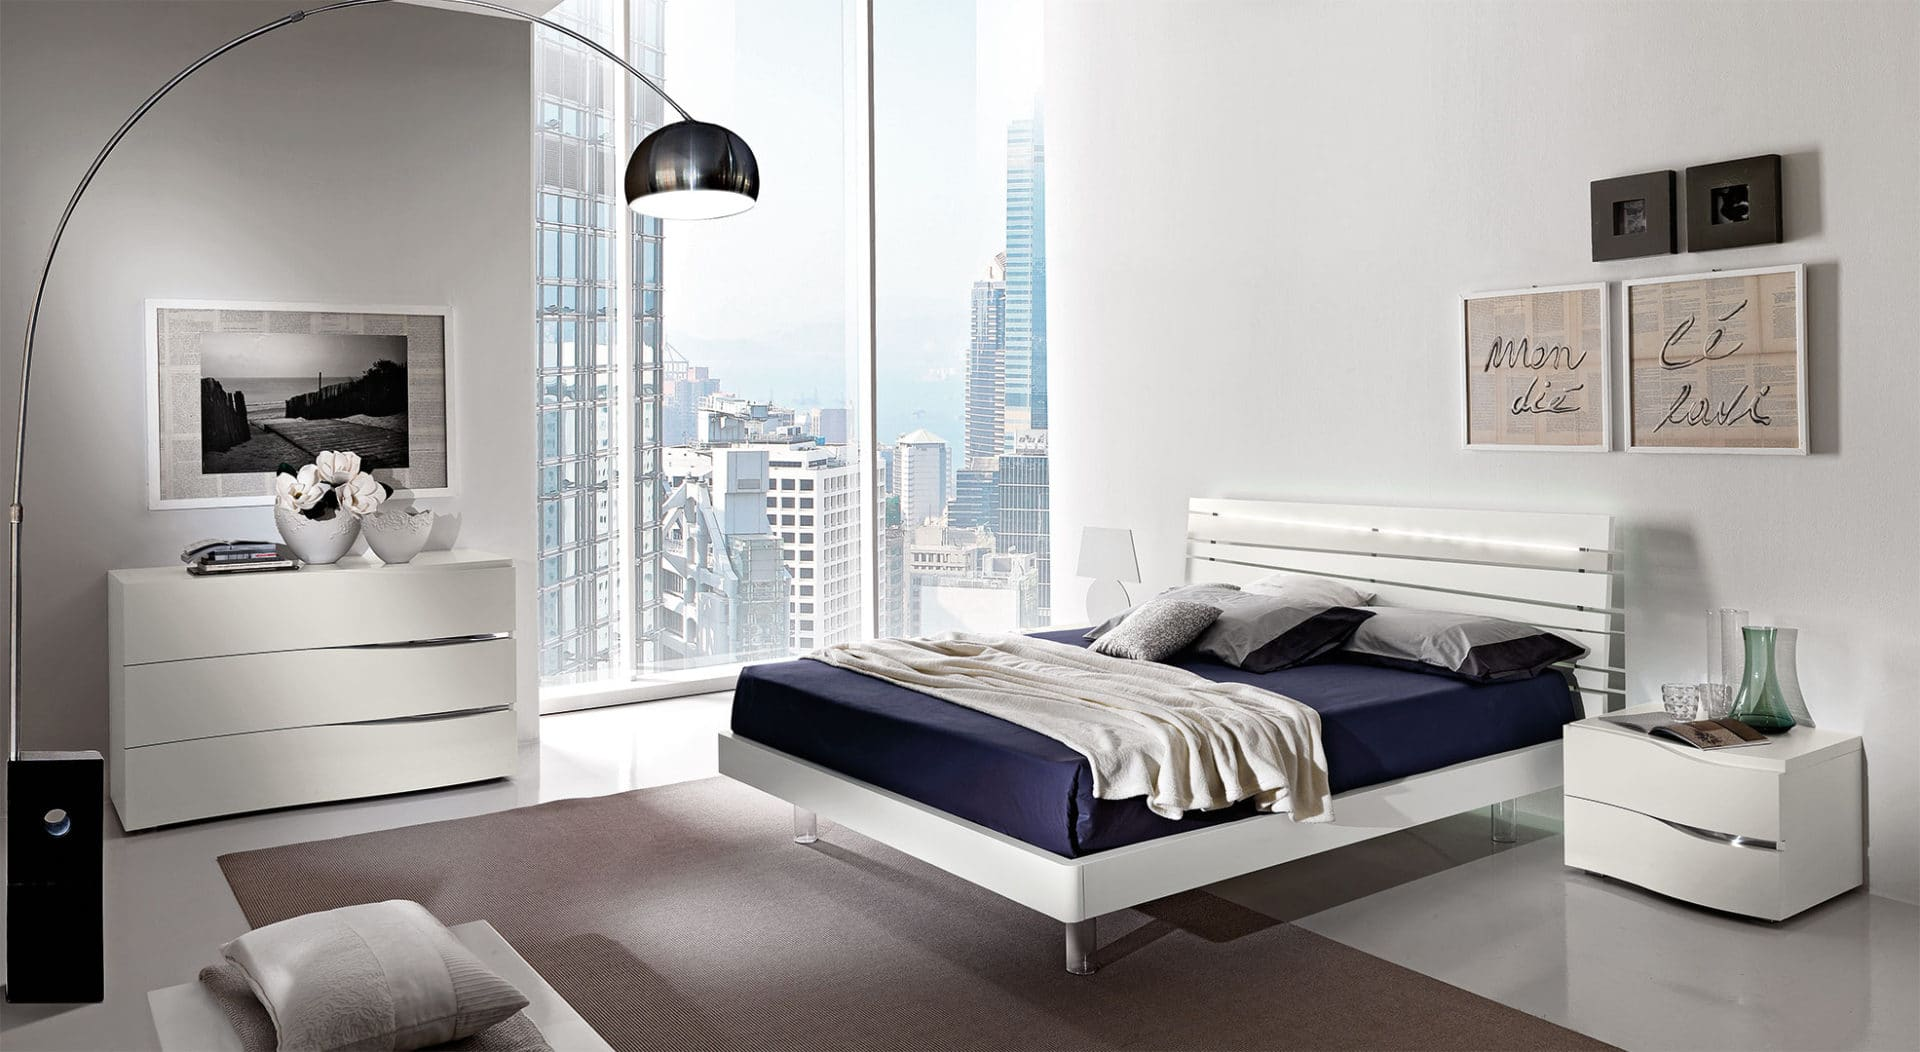 Awesome Camere Da Letto Moderne Economiche Ideas - bakeroffroad.us ...